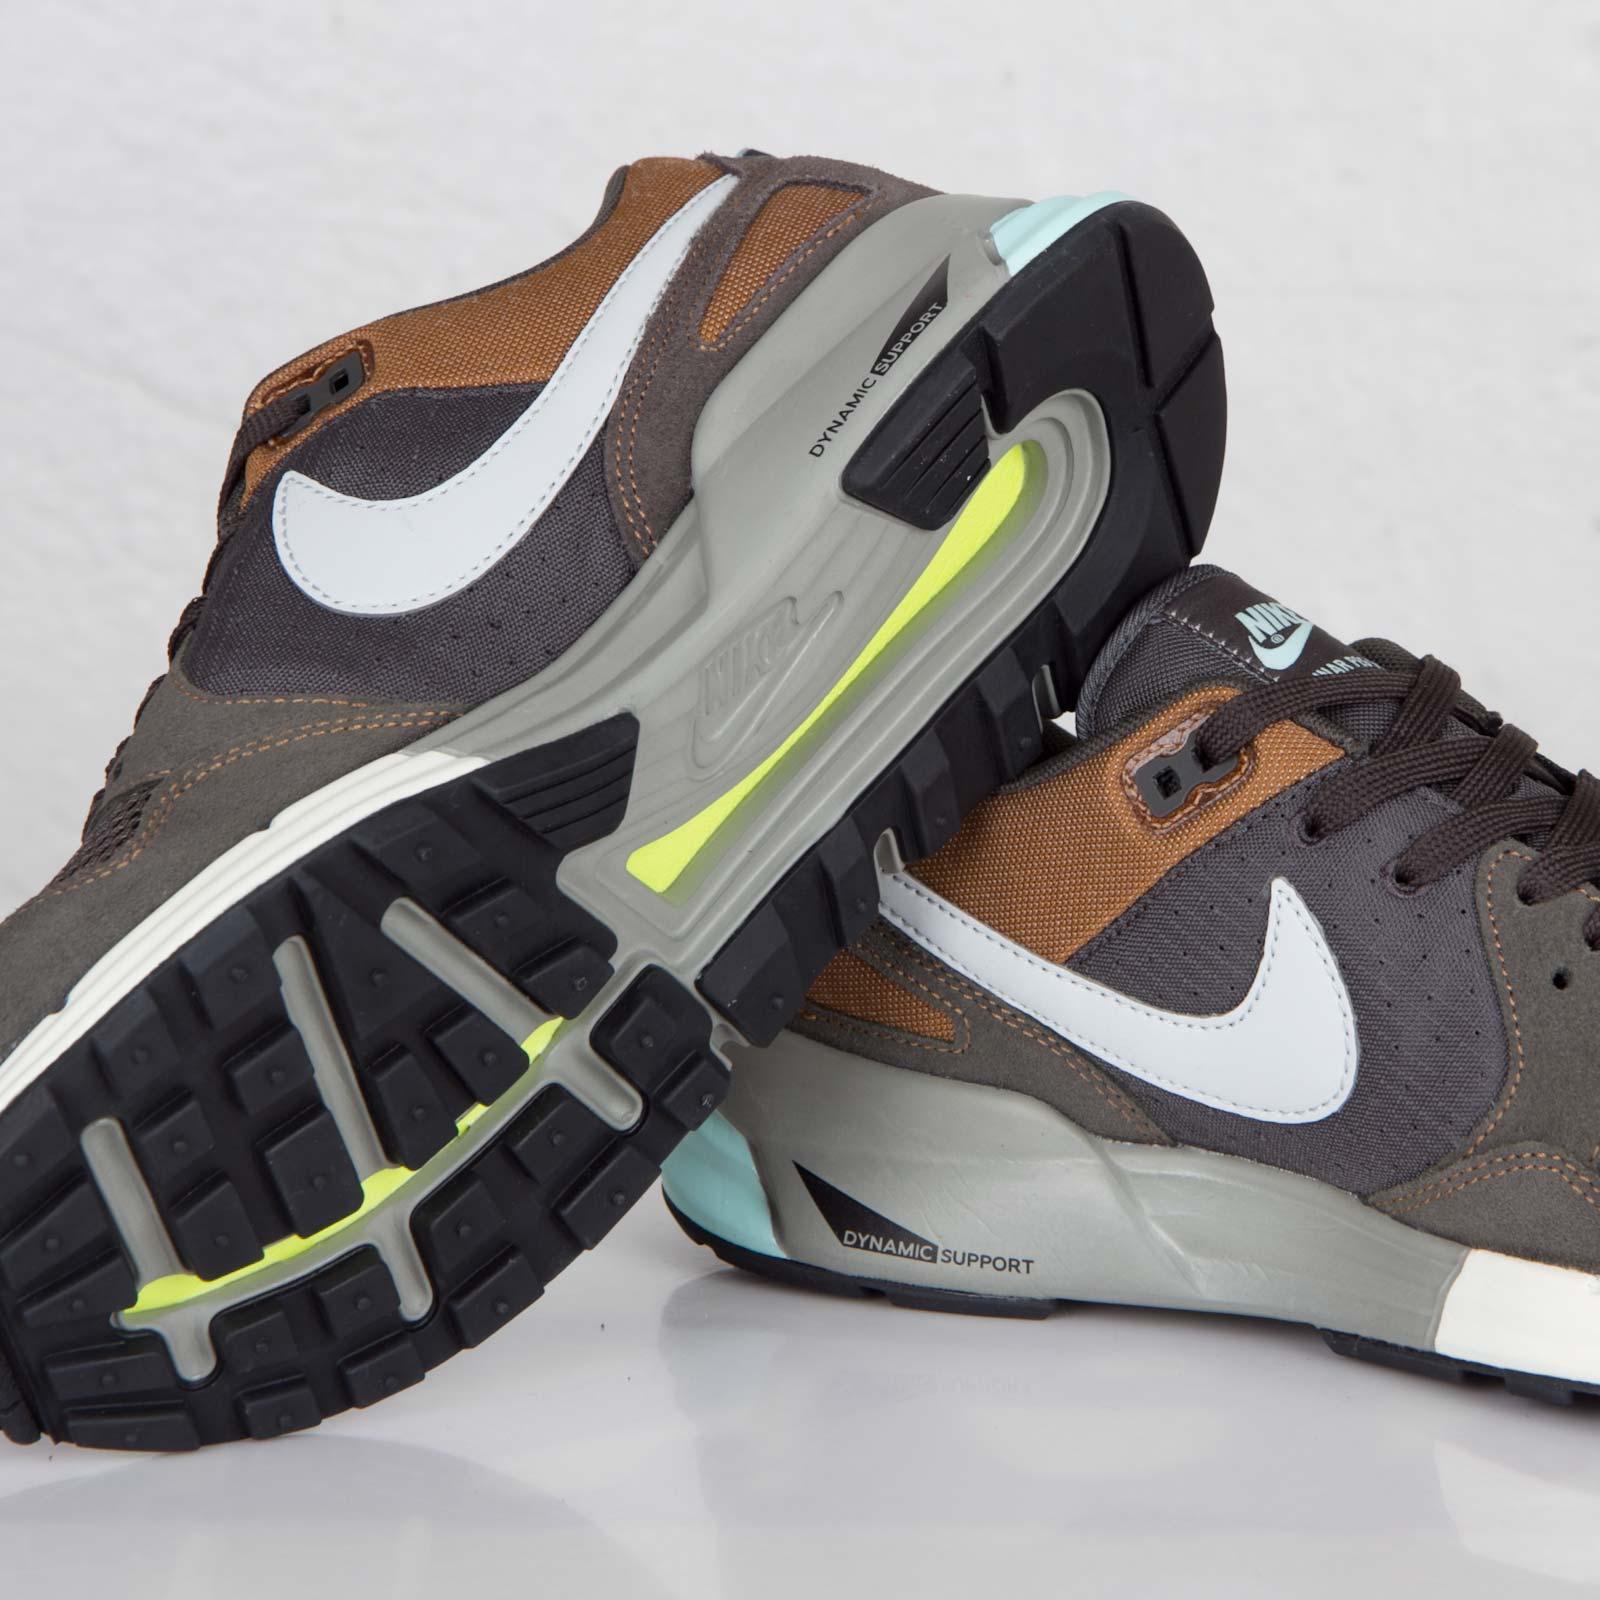 newest 7ad09 8b33d Nike Lunar Pegasus 89 - 599472-001 - Sneakersnstuff   sneakers   streetwear  online since 1999